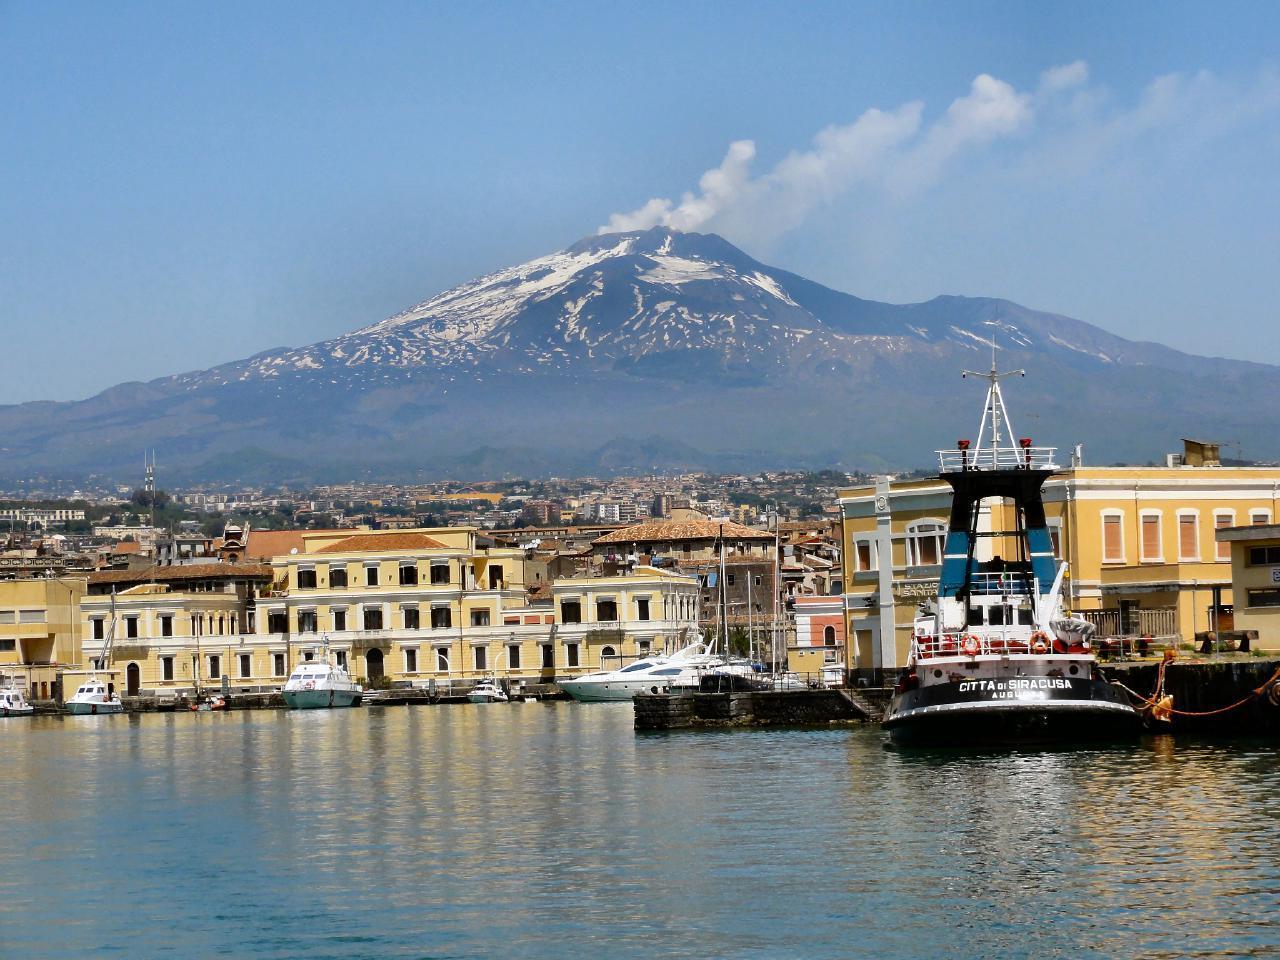 Appartement de vacances Etna Royal View - Drei Zimmer (2147198), Trecastagni, Catania, Sicile, Italie, image 31